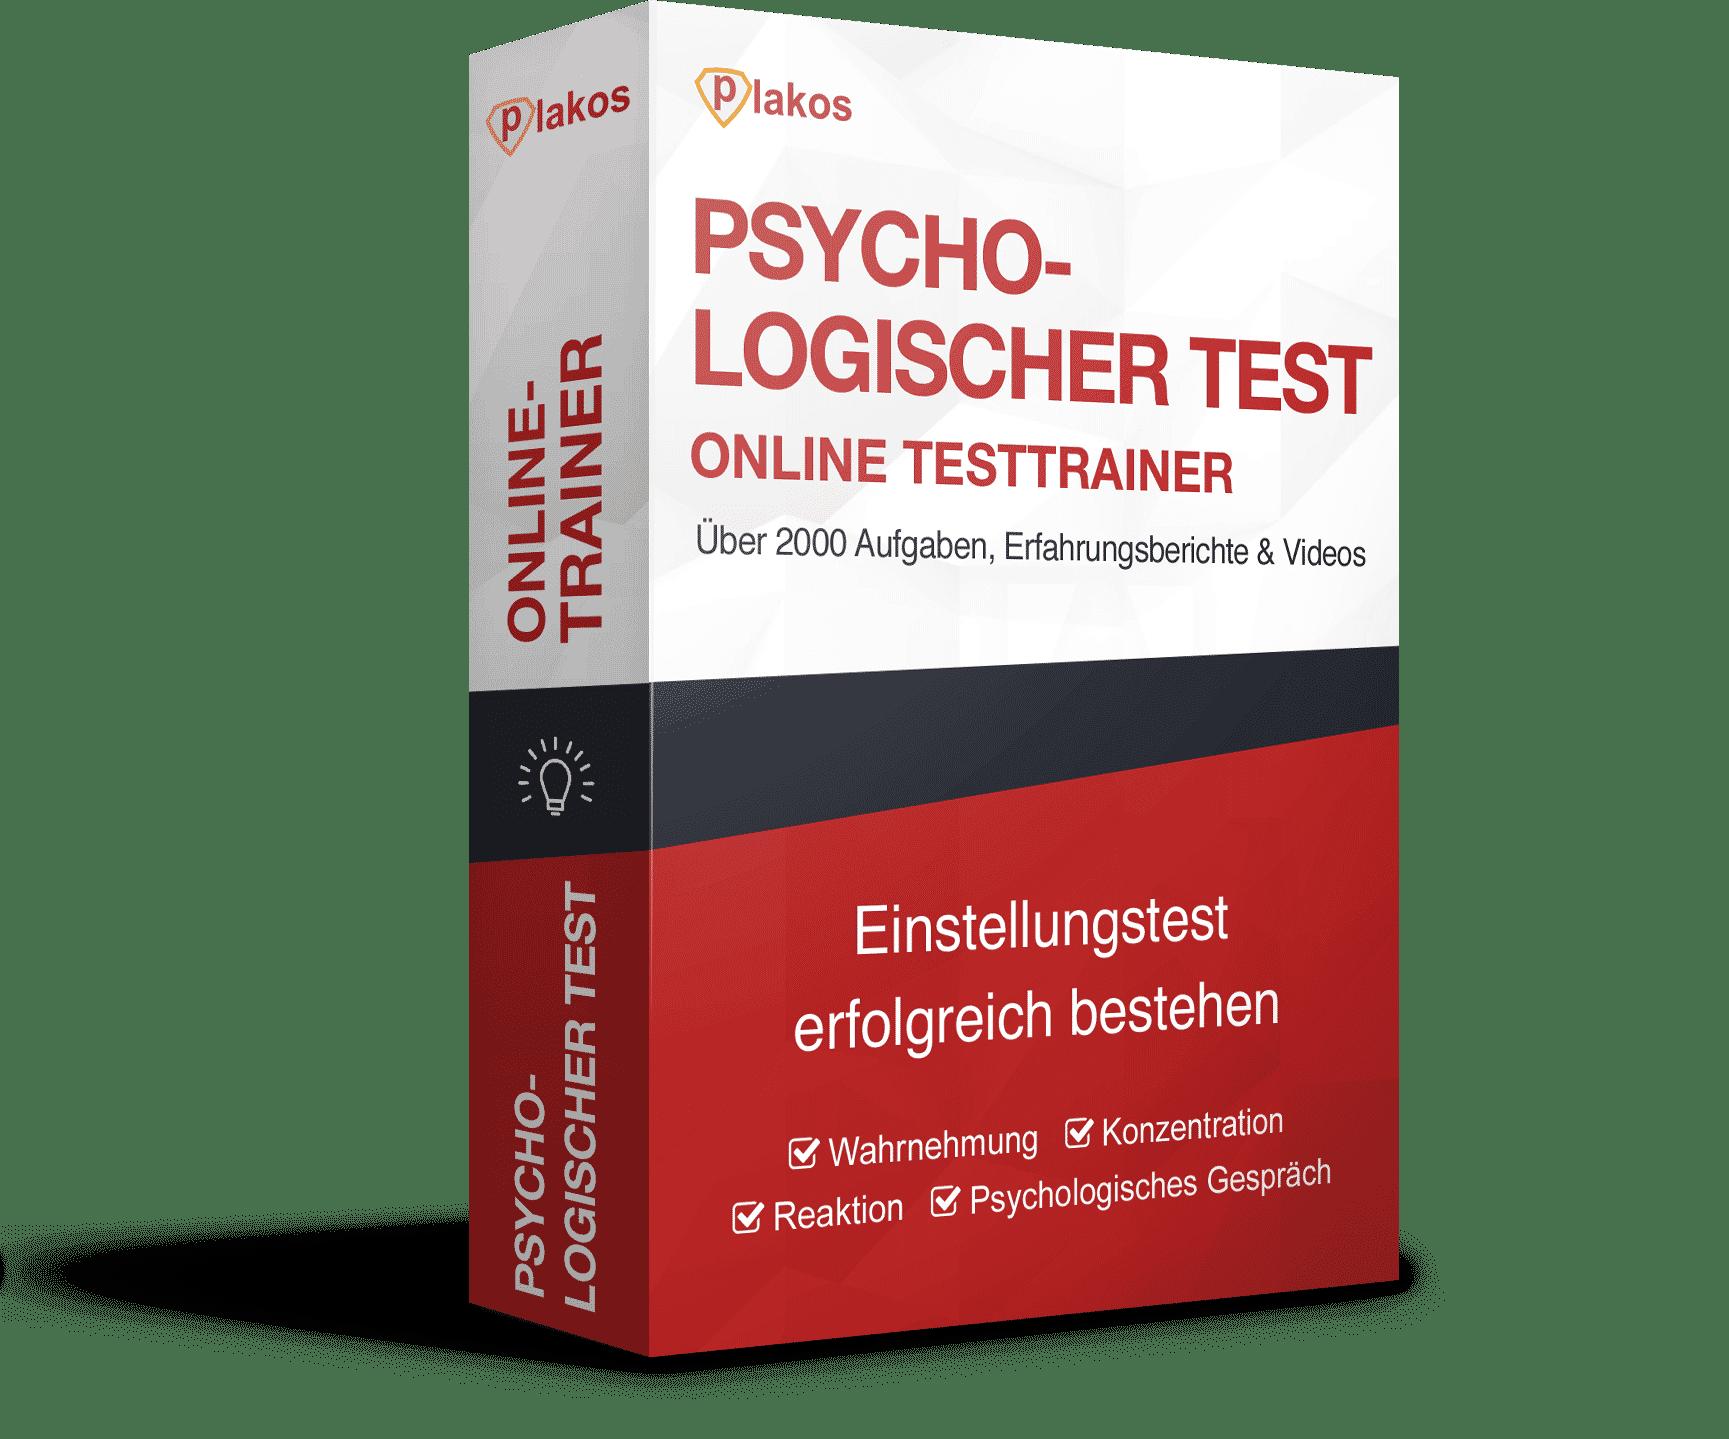 Online Testtrainer